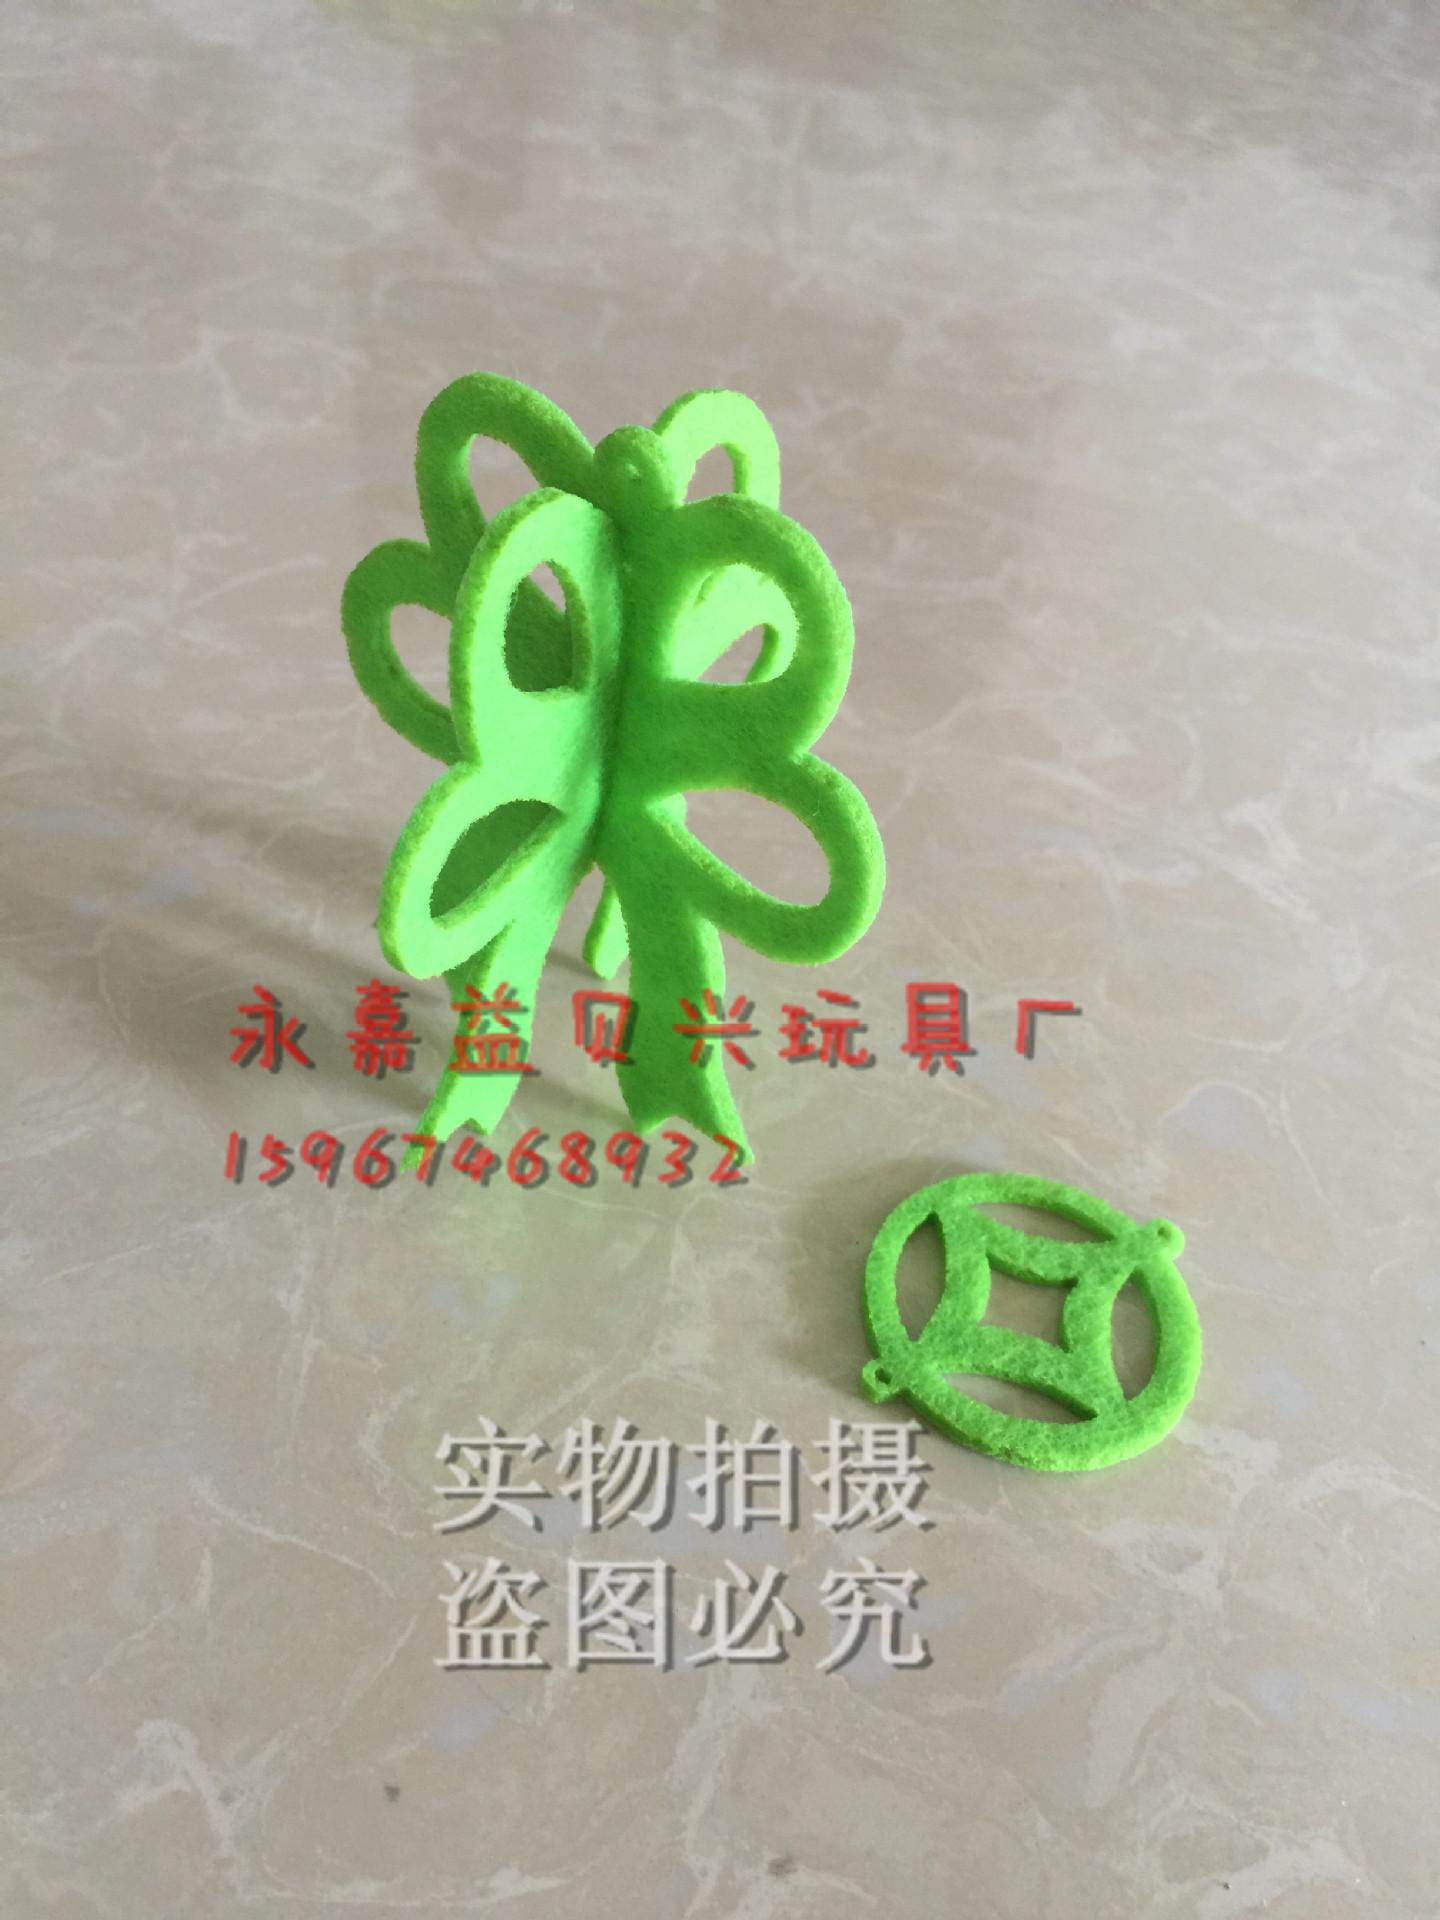 无纺布扇子吊饰幼儿园走廊创意空中挂饰室内布置 悬挂 中国风示例图5